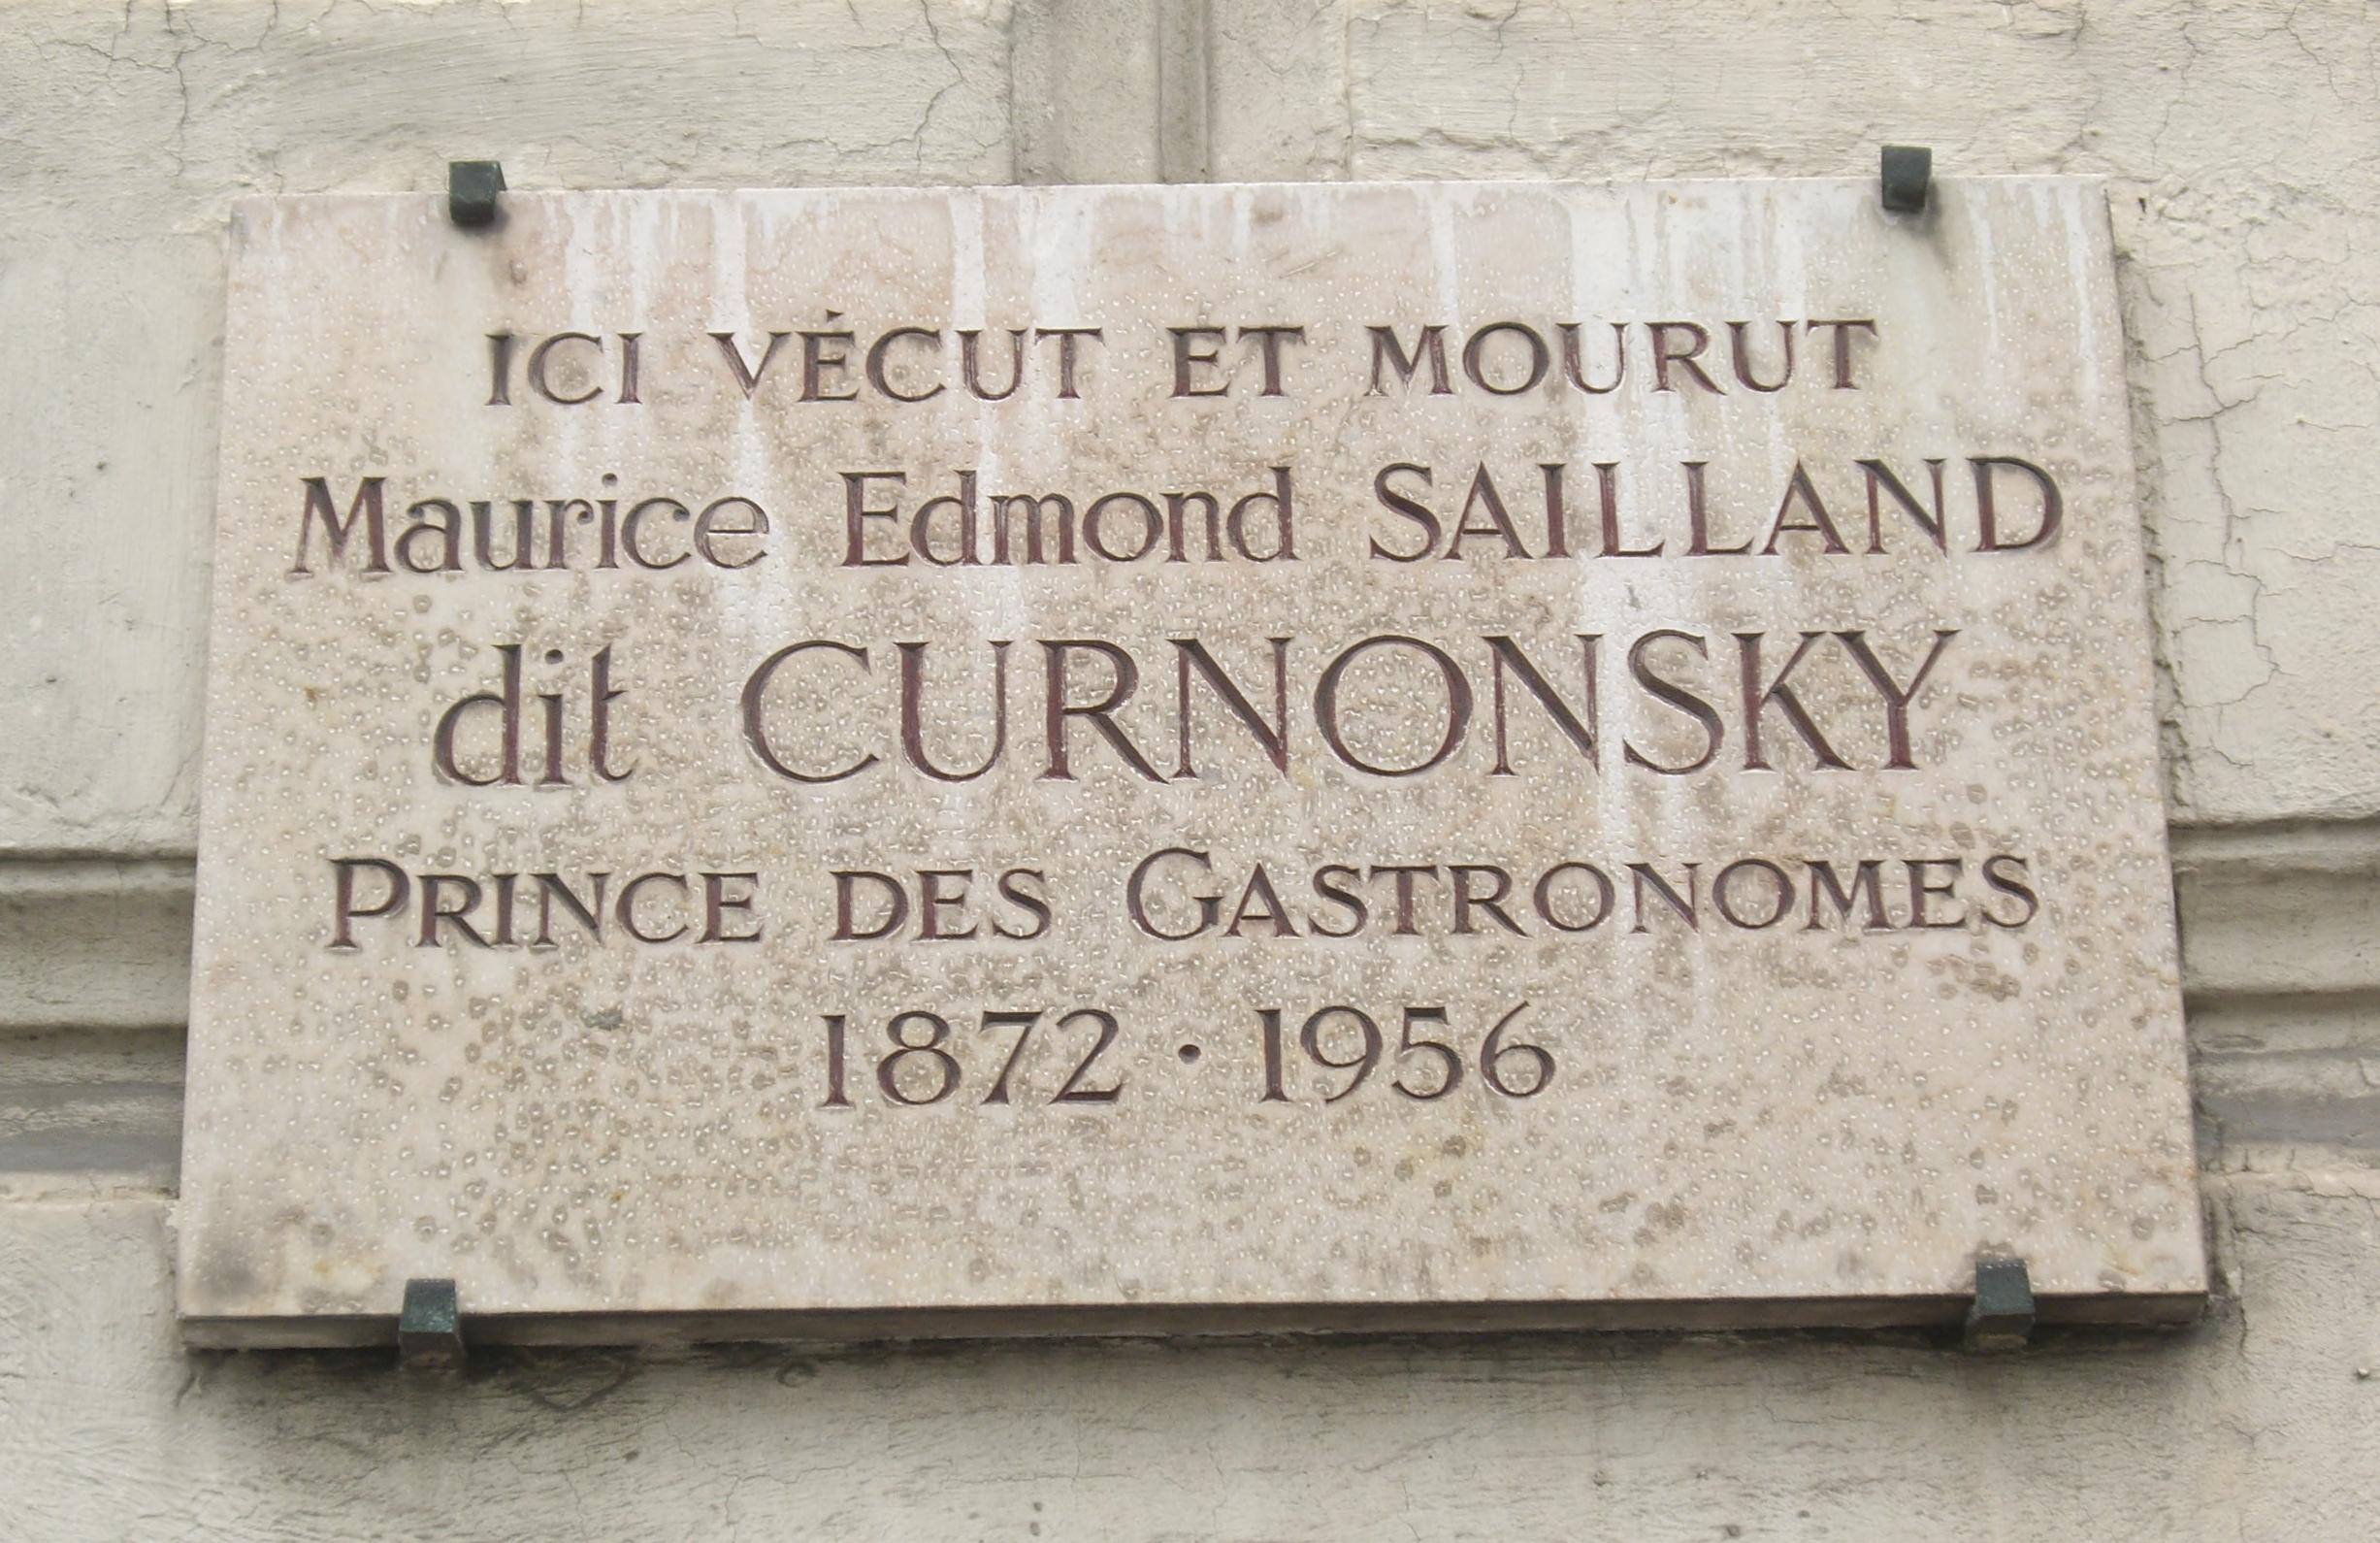 Curnonsky, père des critiques gastronomiques